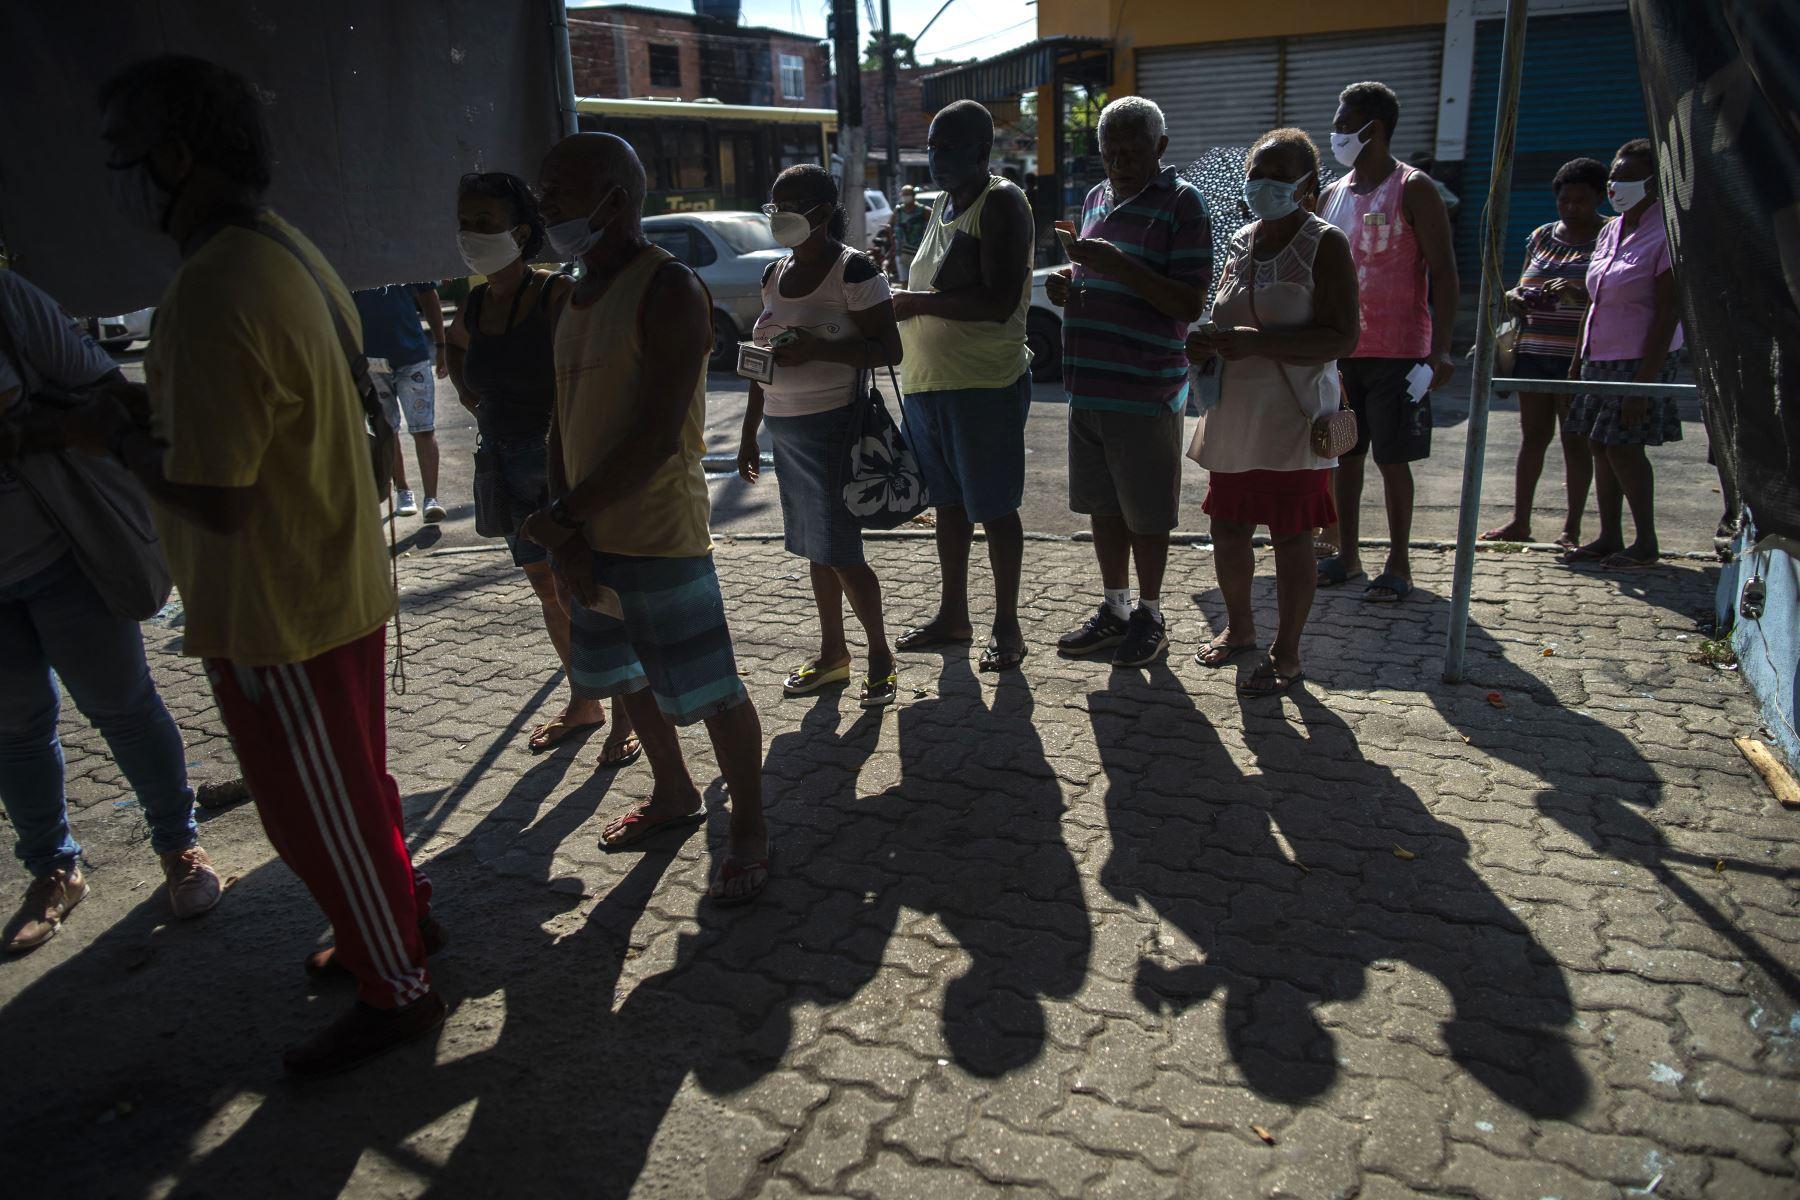 Personas con mascarillas hacen cola para su turno para recibir una dosis de la vacuna COVID-19 en un centro de vacunación en la plaza Cangulo, barrio Saracuruna, en Duque de Caxias, estado de Río de Janeiro, Brasil, el 30 de marzo de 2021. Foto: AFP